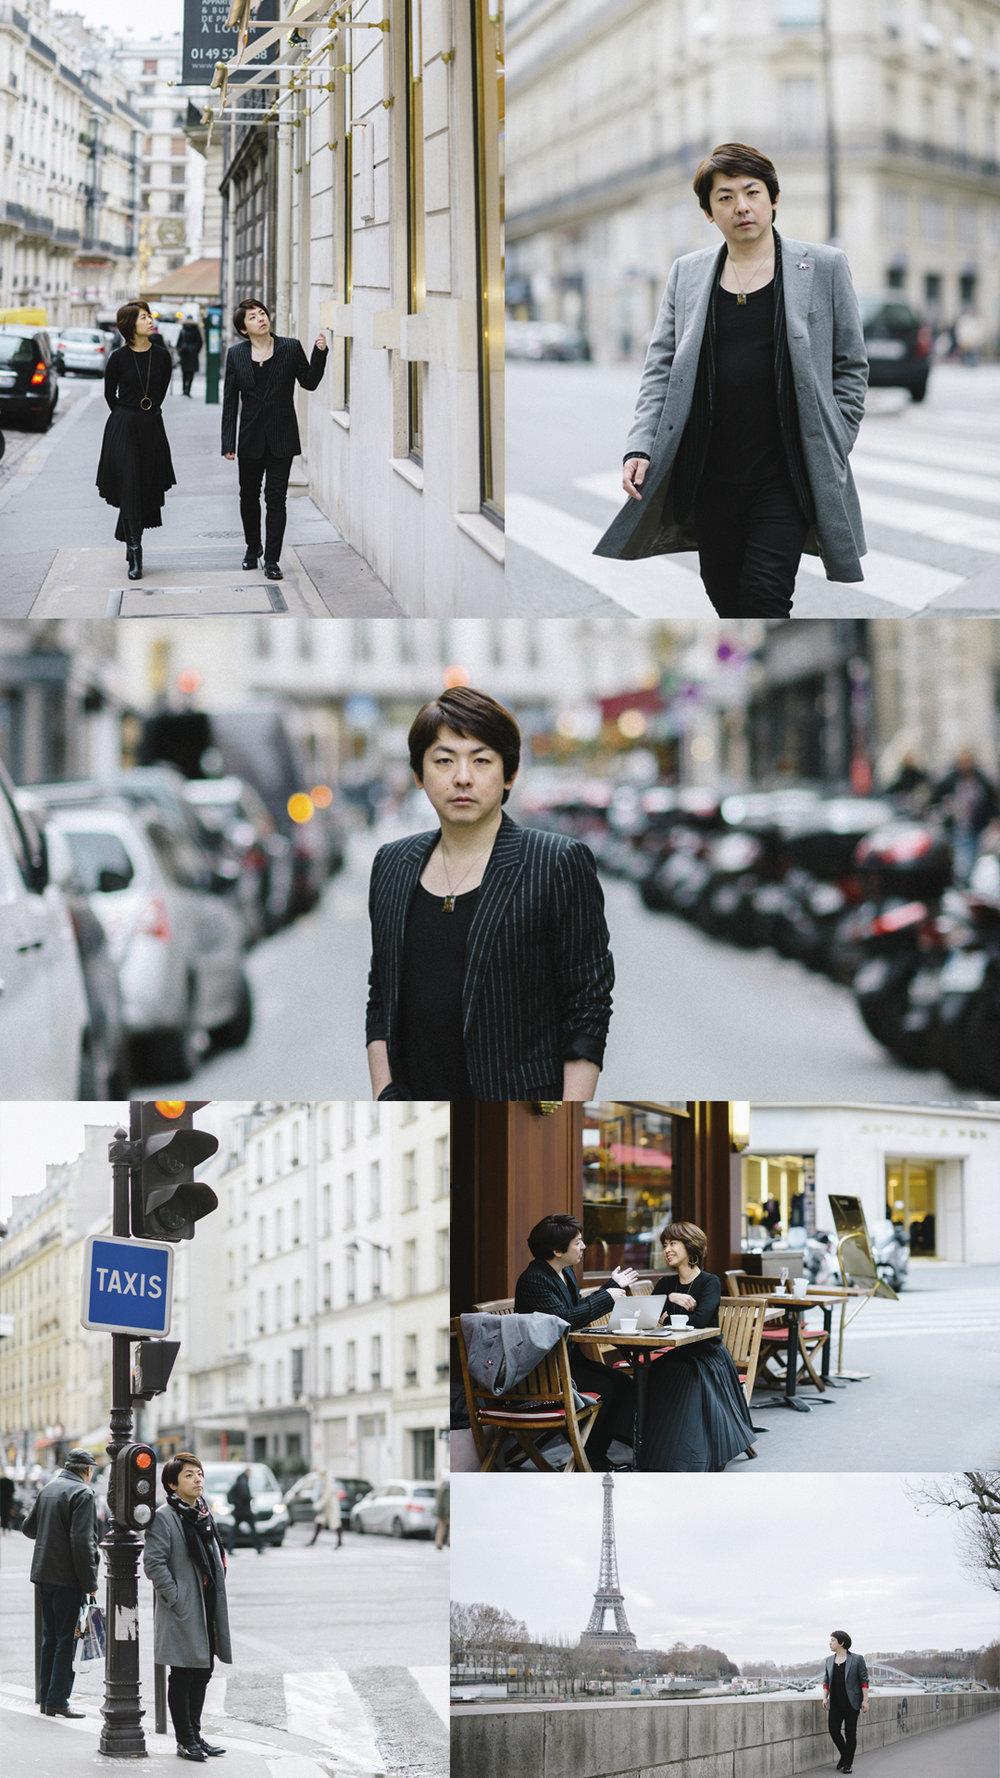 kanzaki collage.jpg